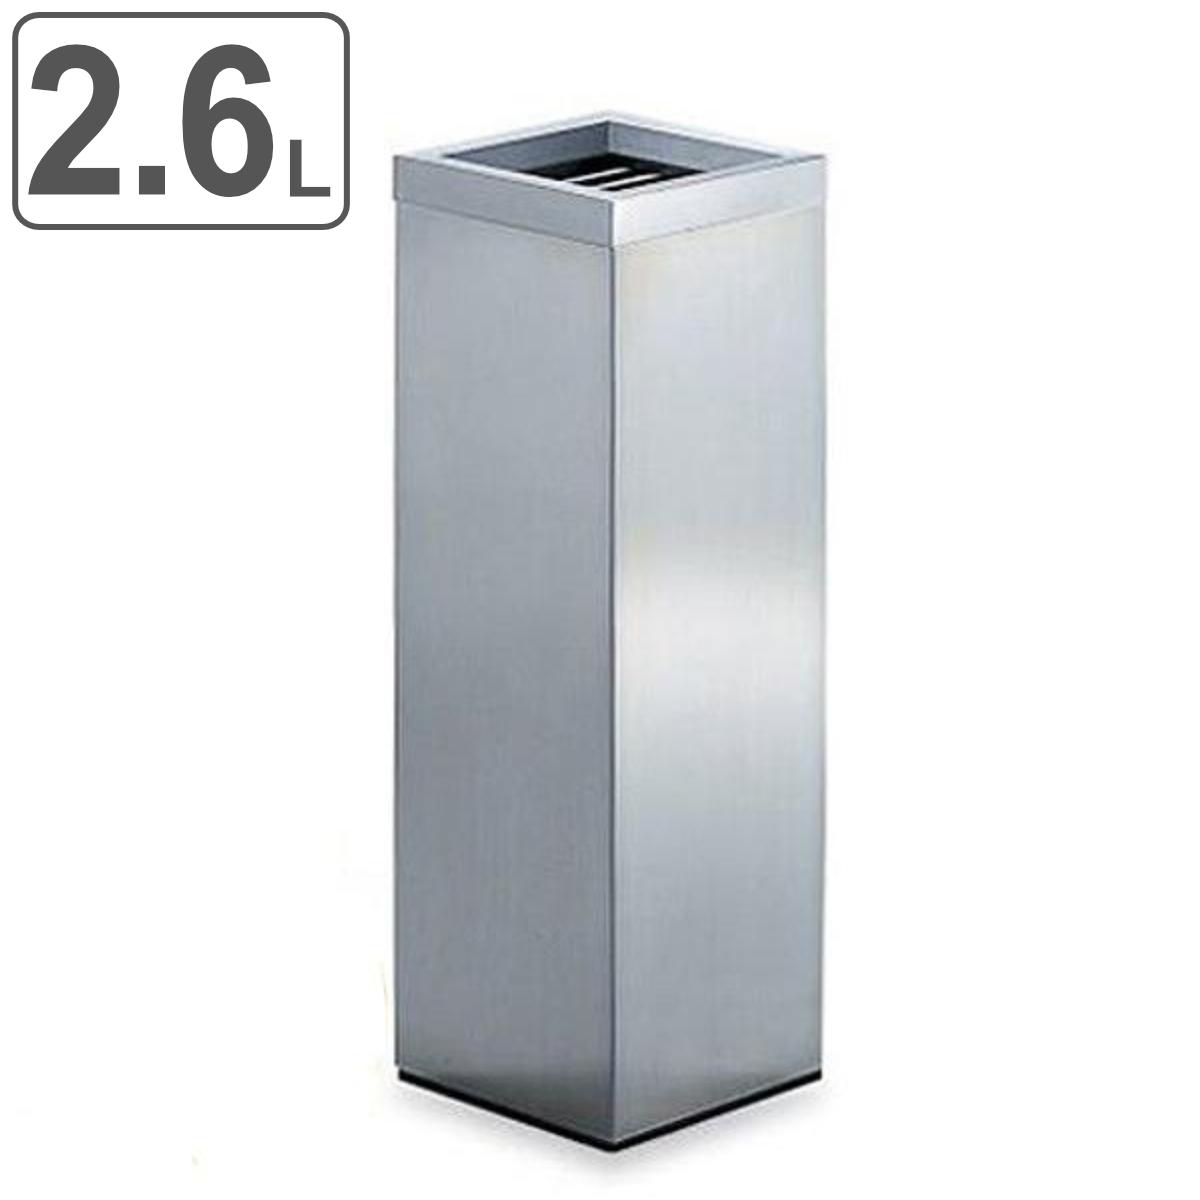 灰皿 スタンド角型 ステンレス製 2.6L SK-020 ( 送料無料 スモーキングスタンド 吸いがら入れ ) 【4500円以上送料無料】